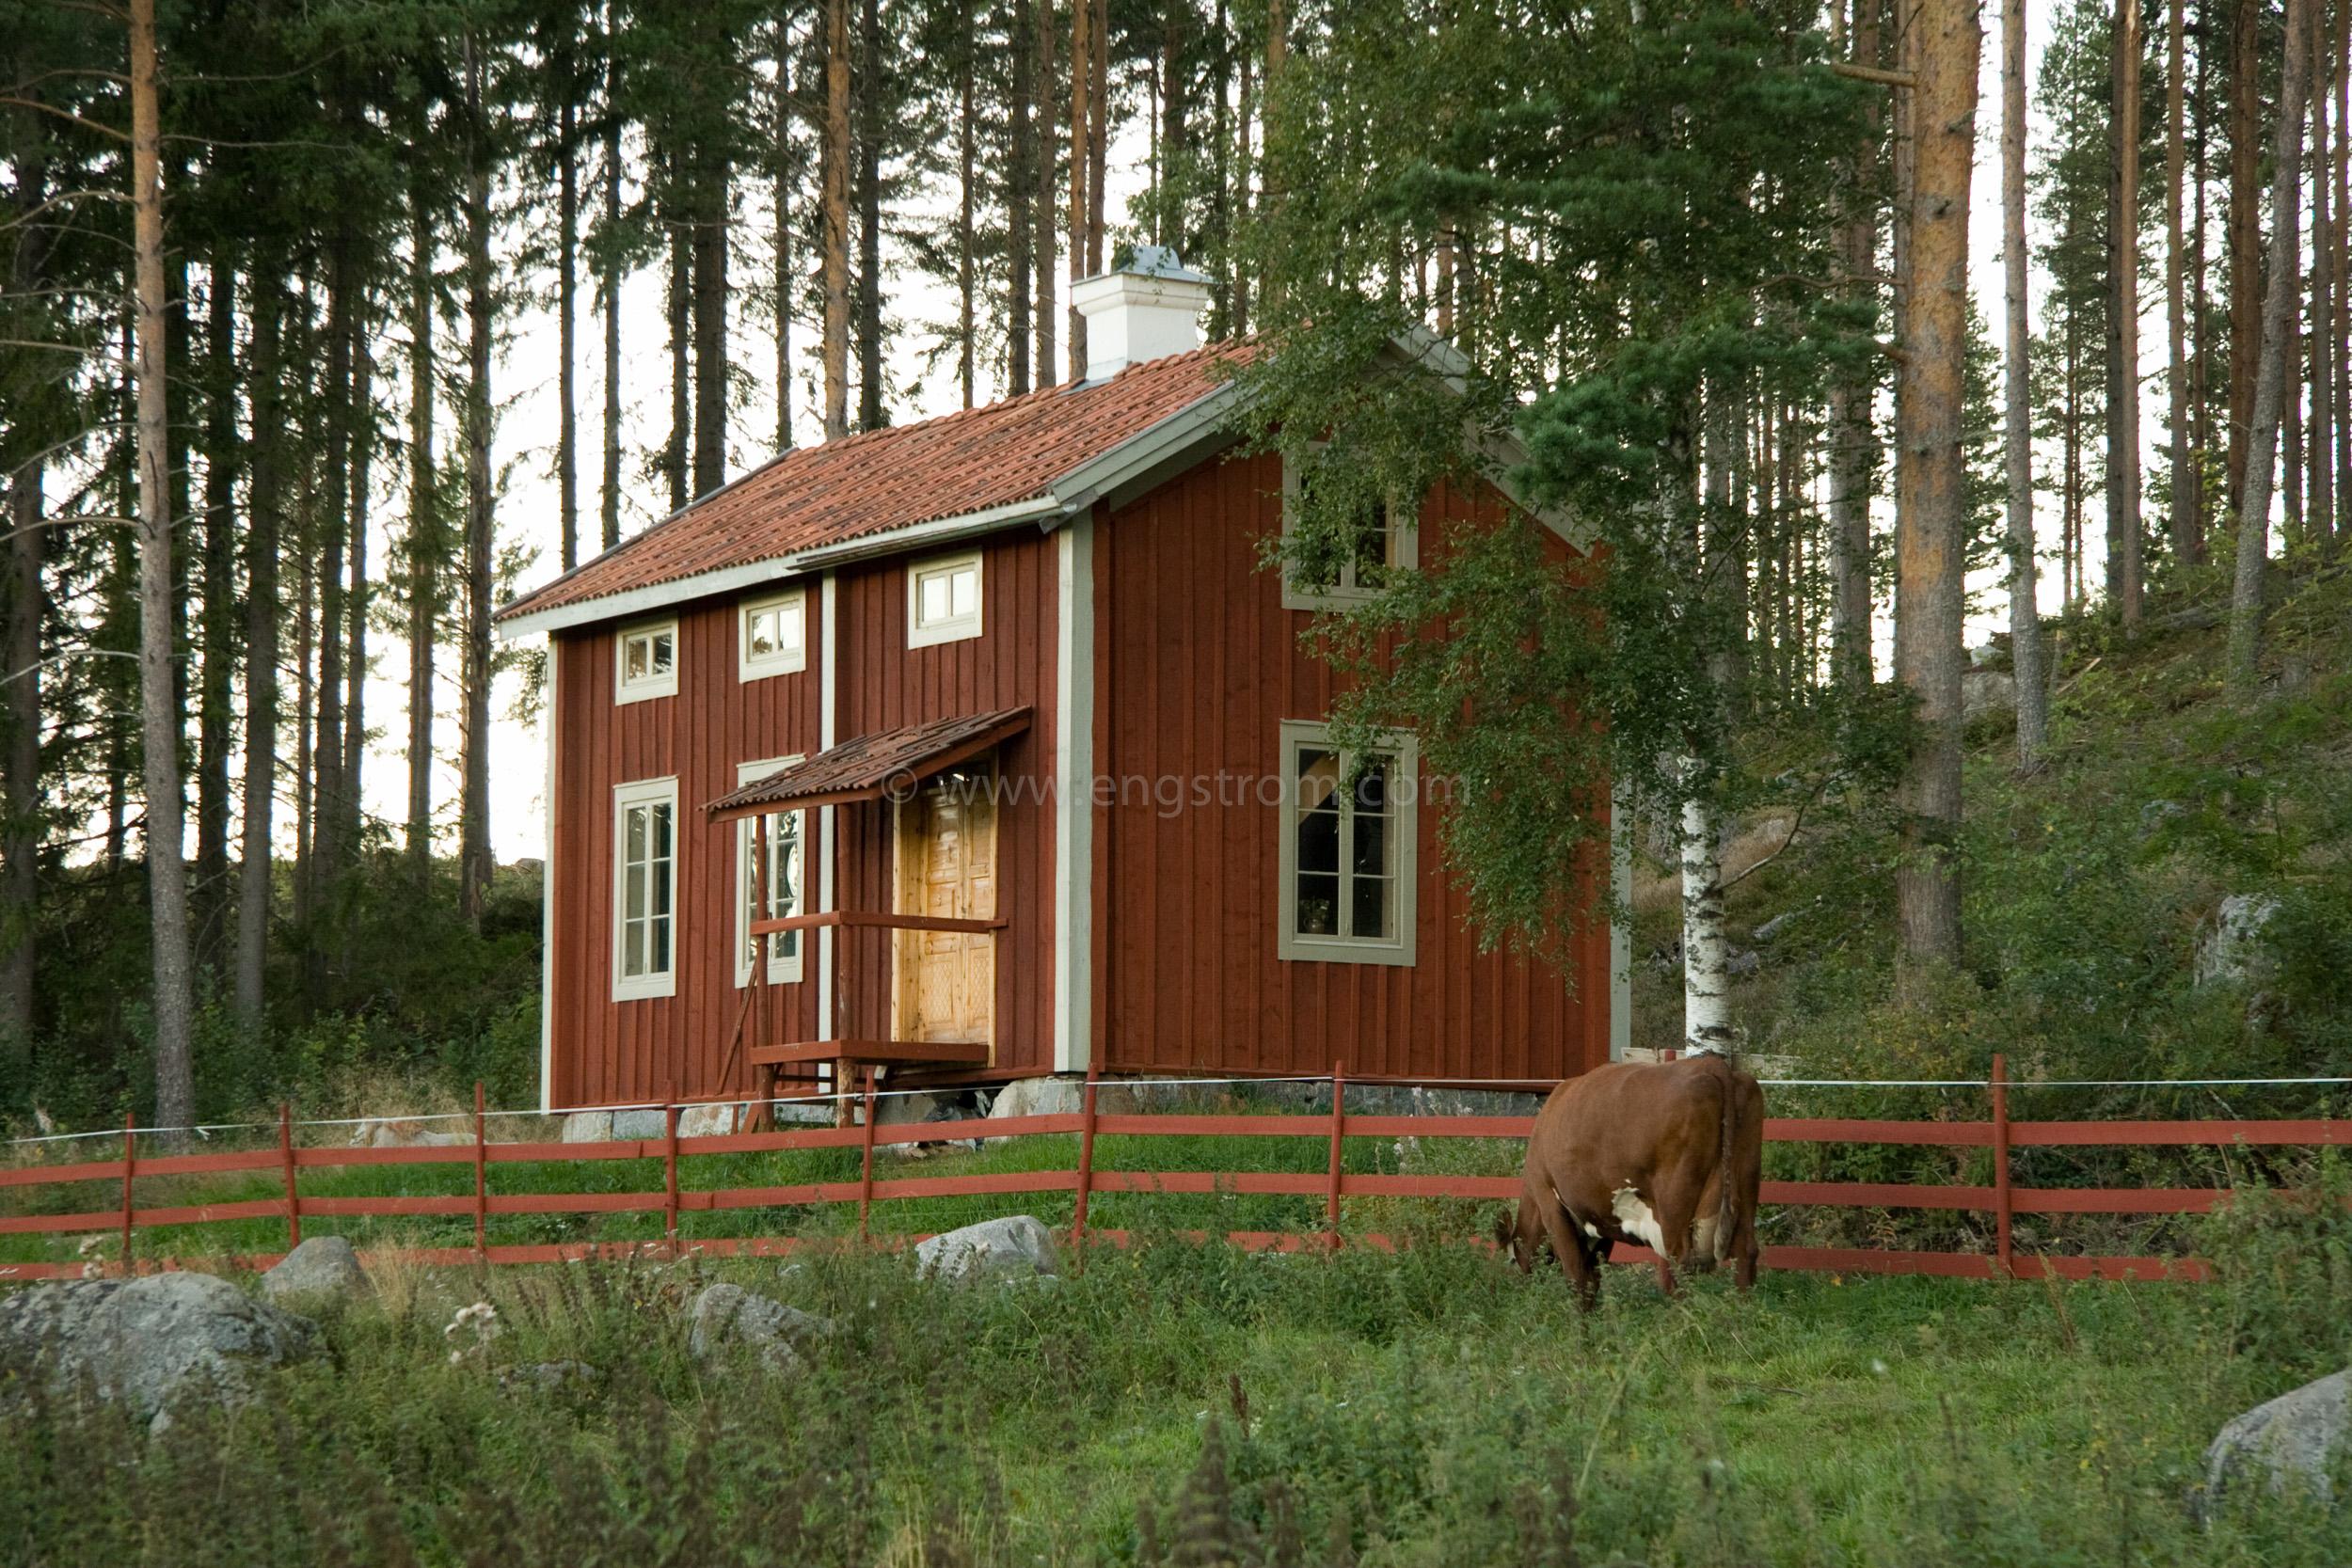 JE_20091, Den nybyggda stugan i skogskanten, Jonas Engström